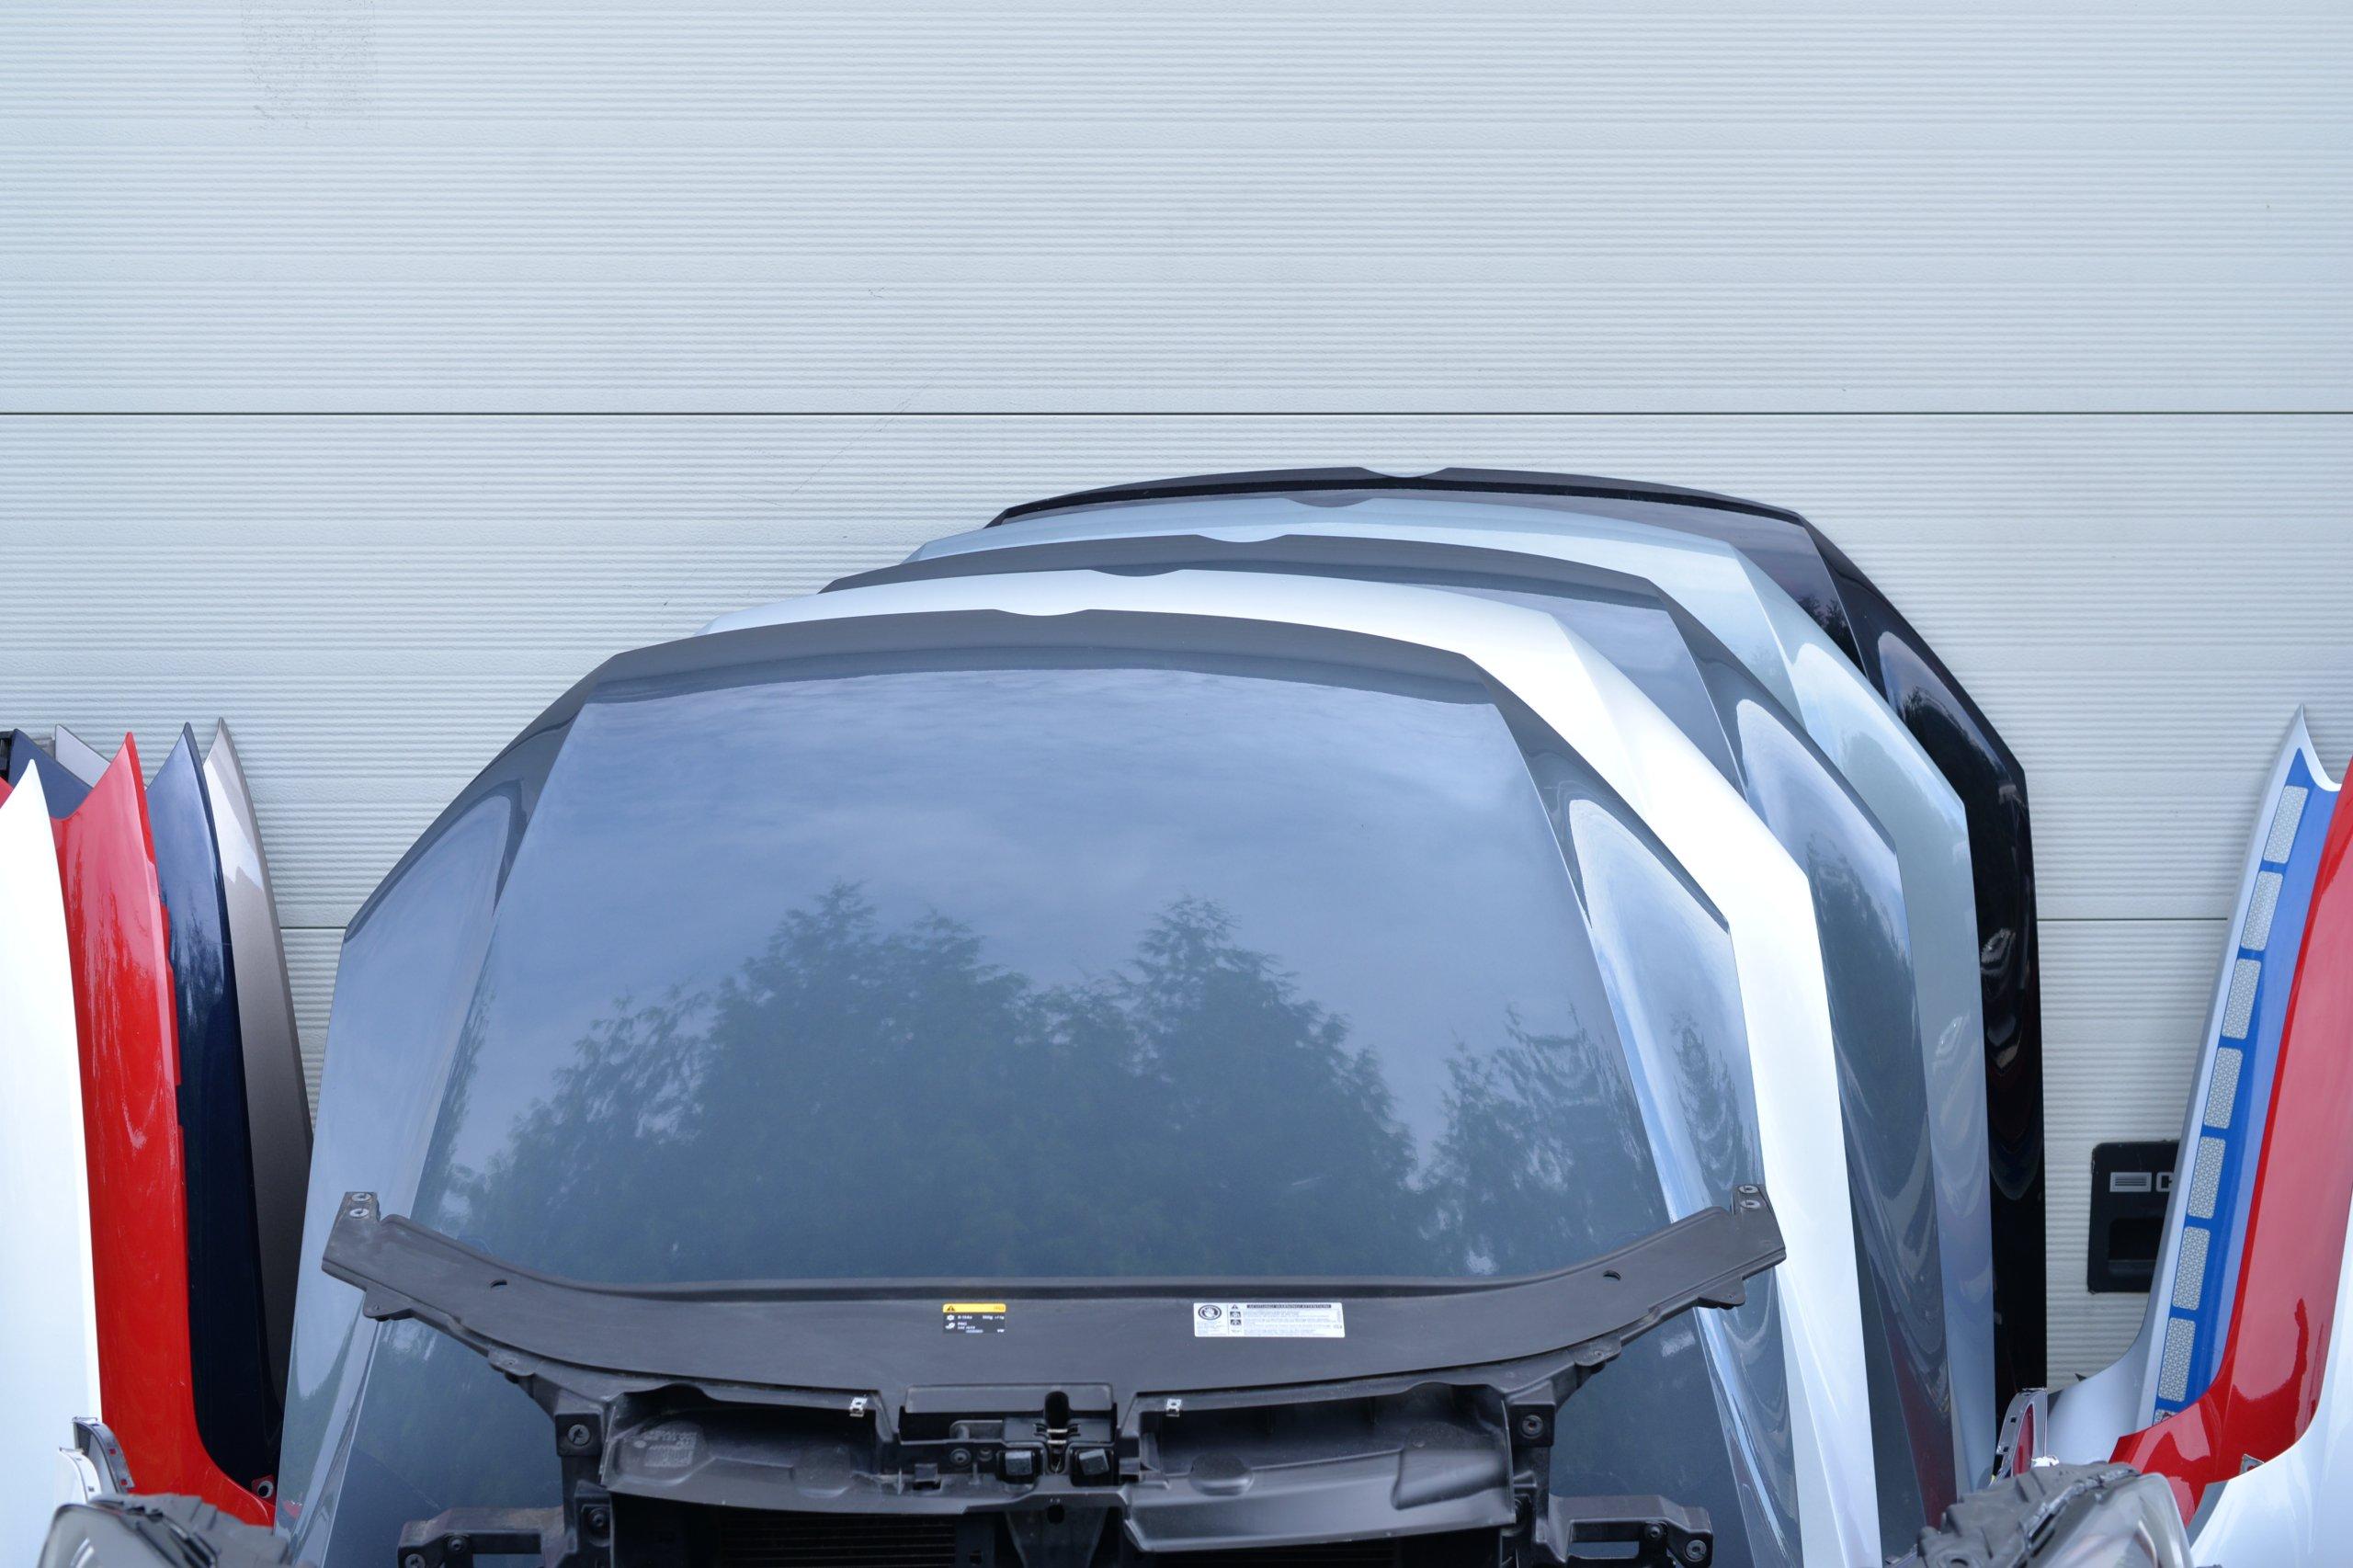 [КАПОТ ZDERZAK КРЫЛО REFLEKTOR PAS VW PASSAT B7 из Польши]изображение 10